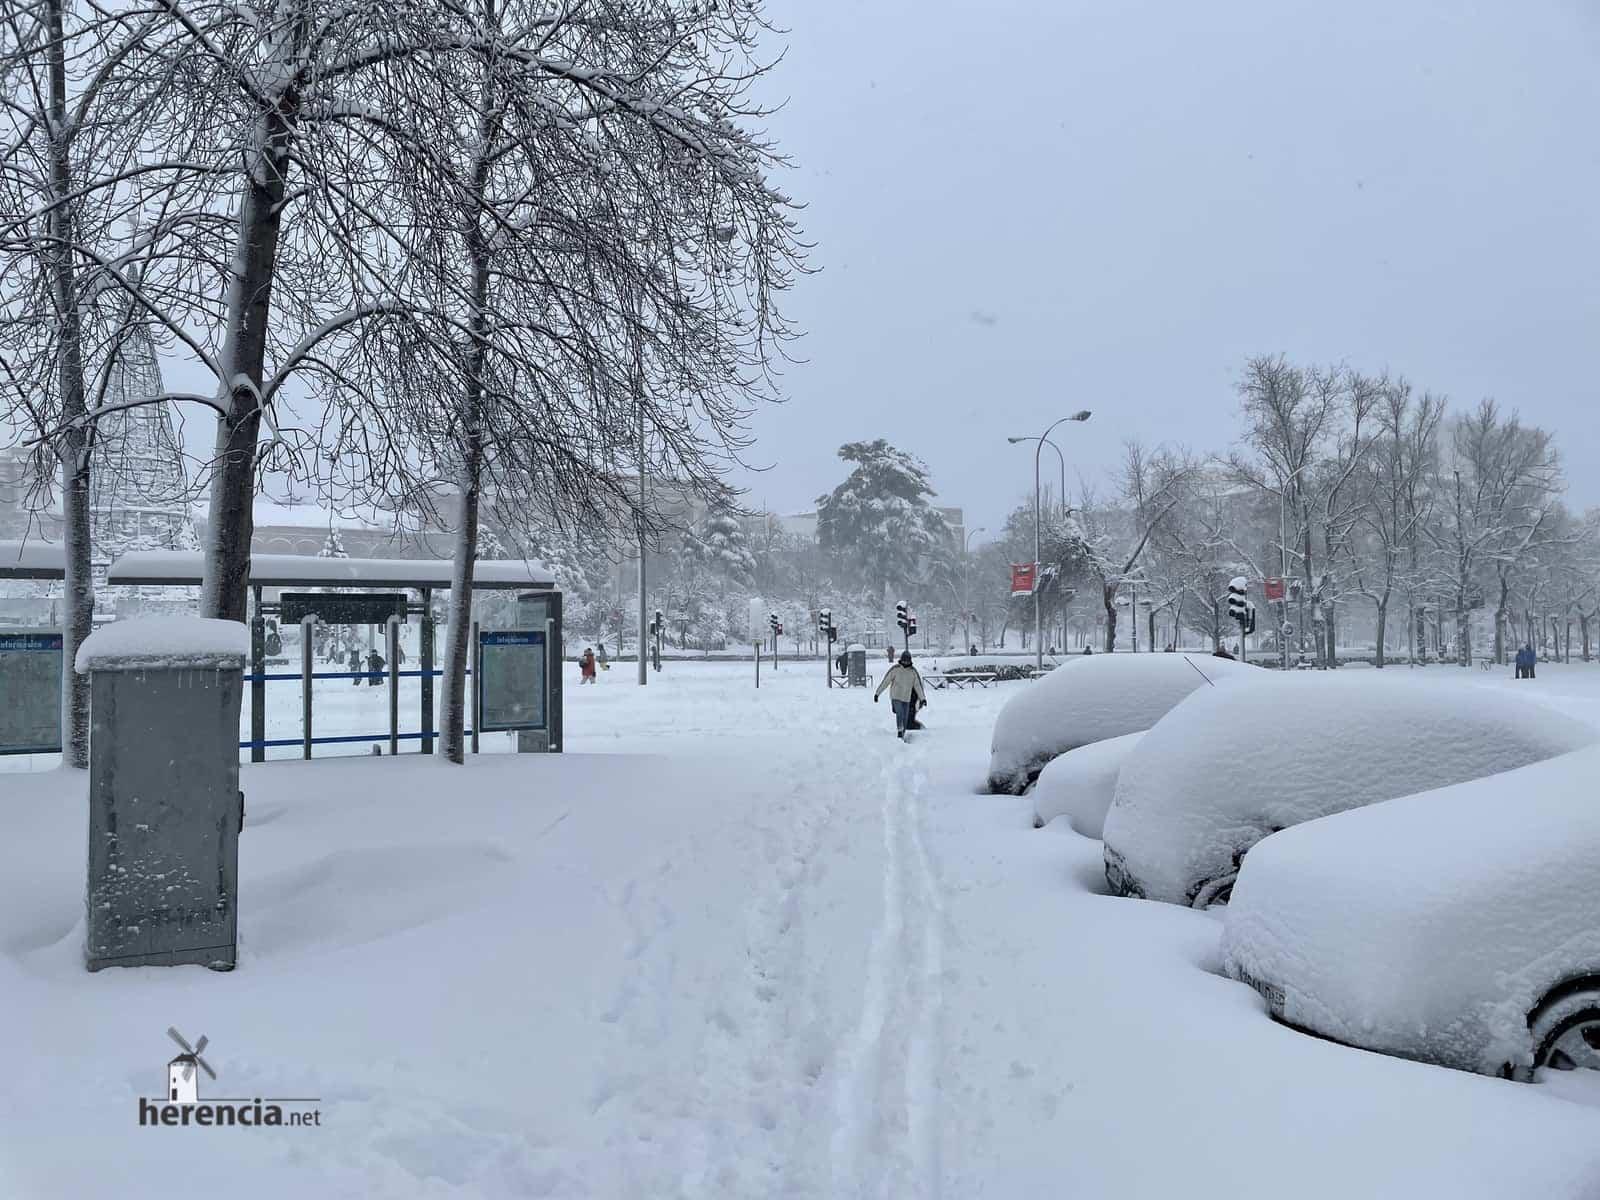 Más fotografías de las nieves de 2021 en Herencia 161